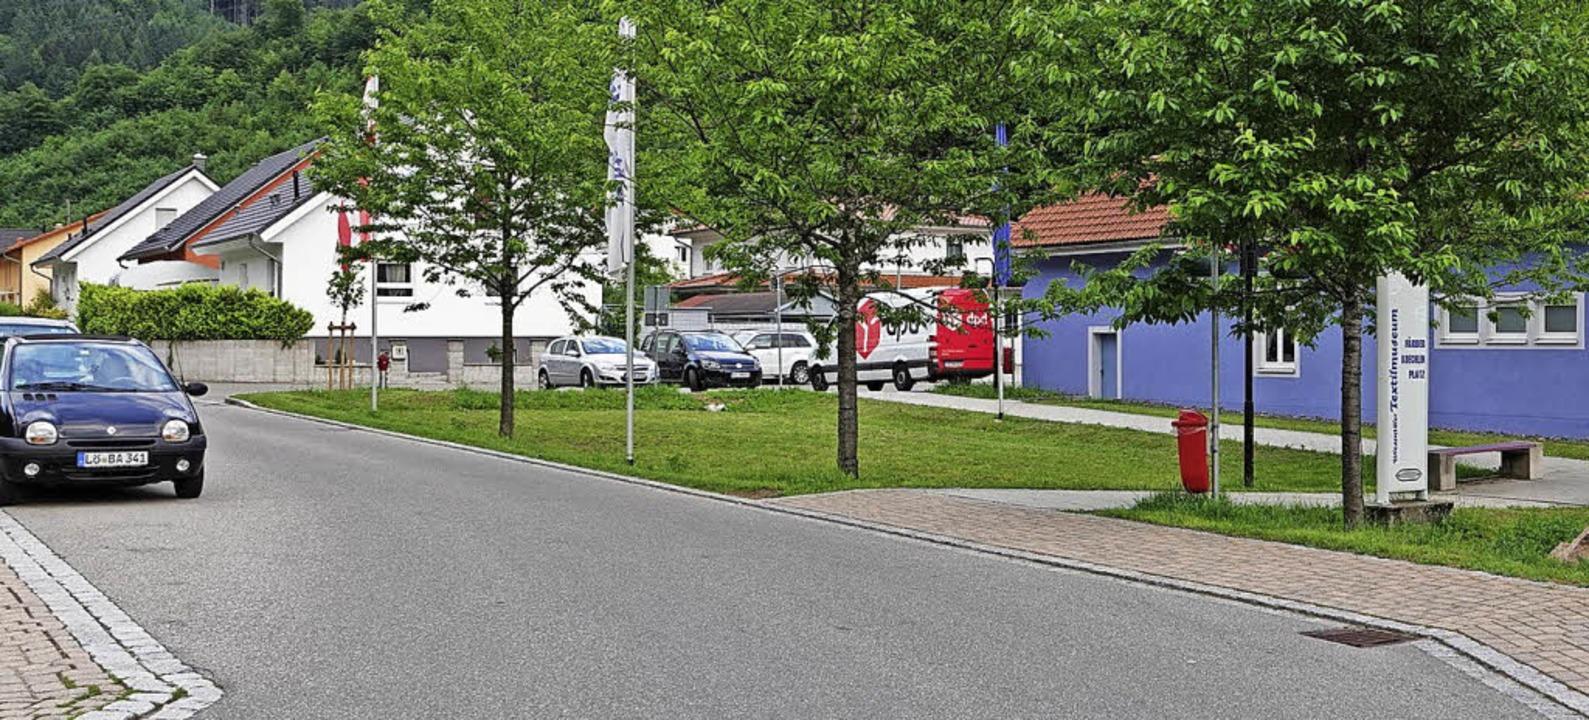 Die Straße vor dem Museum: Auf der Rec...schildern am Parken gehindert werden.     Foto: Hans-Jürgen Hege